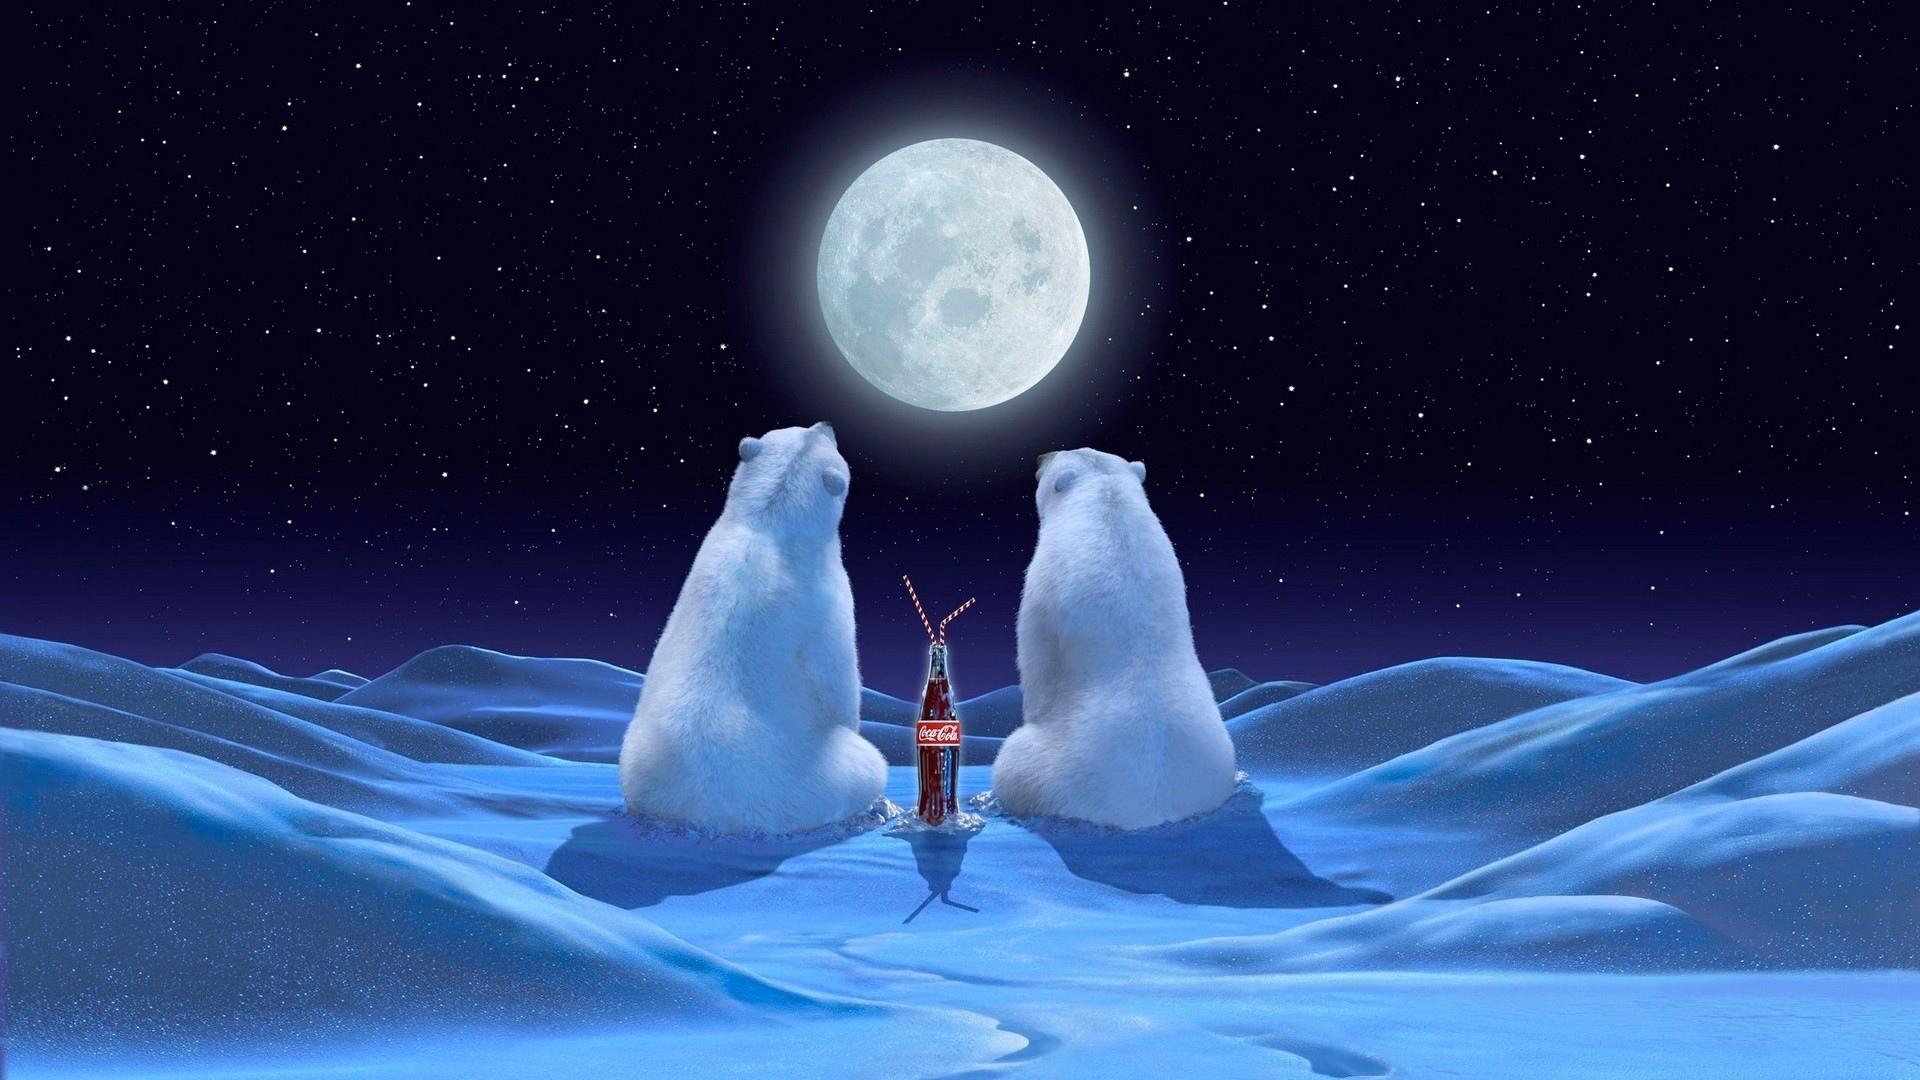 20886 скачать обои Бренды, Животные, Медведи, Кока-Кола (Coca-Cola) - заставки и картинки бесплатно